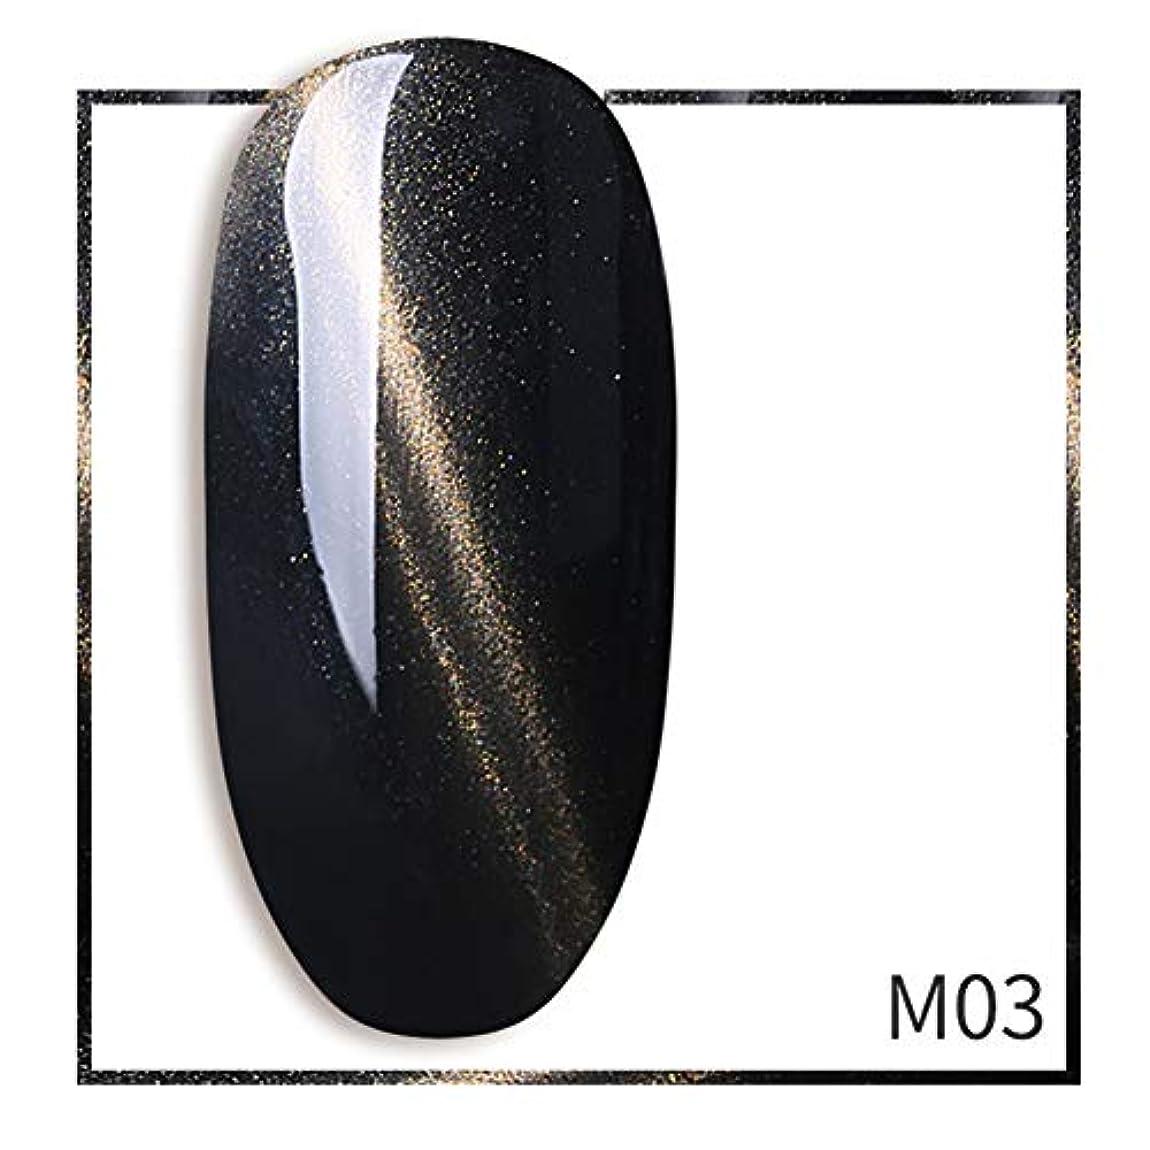 勤勉良性起こりやすいACHICOO ネイルジェル 7ml グリッター キャットアイ ポリッシュジェル きらきら ネイルアート サロン ブラック-M03